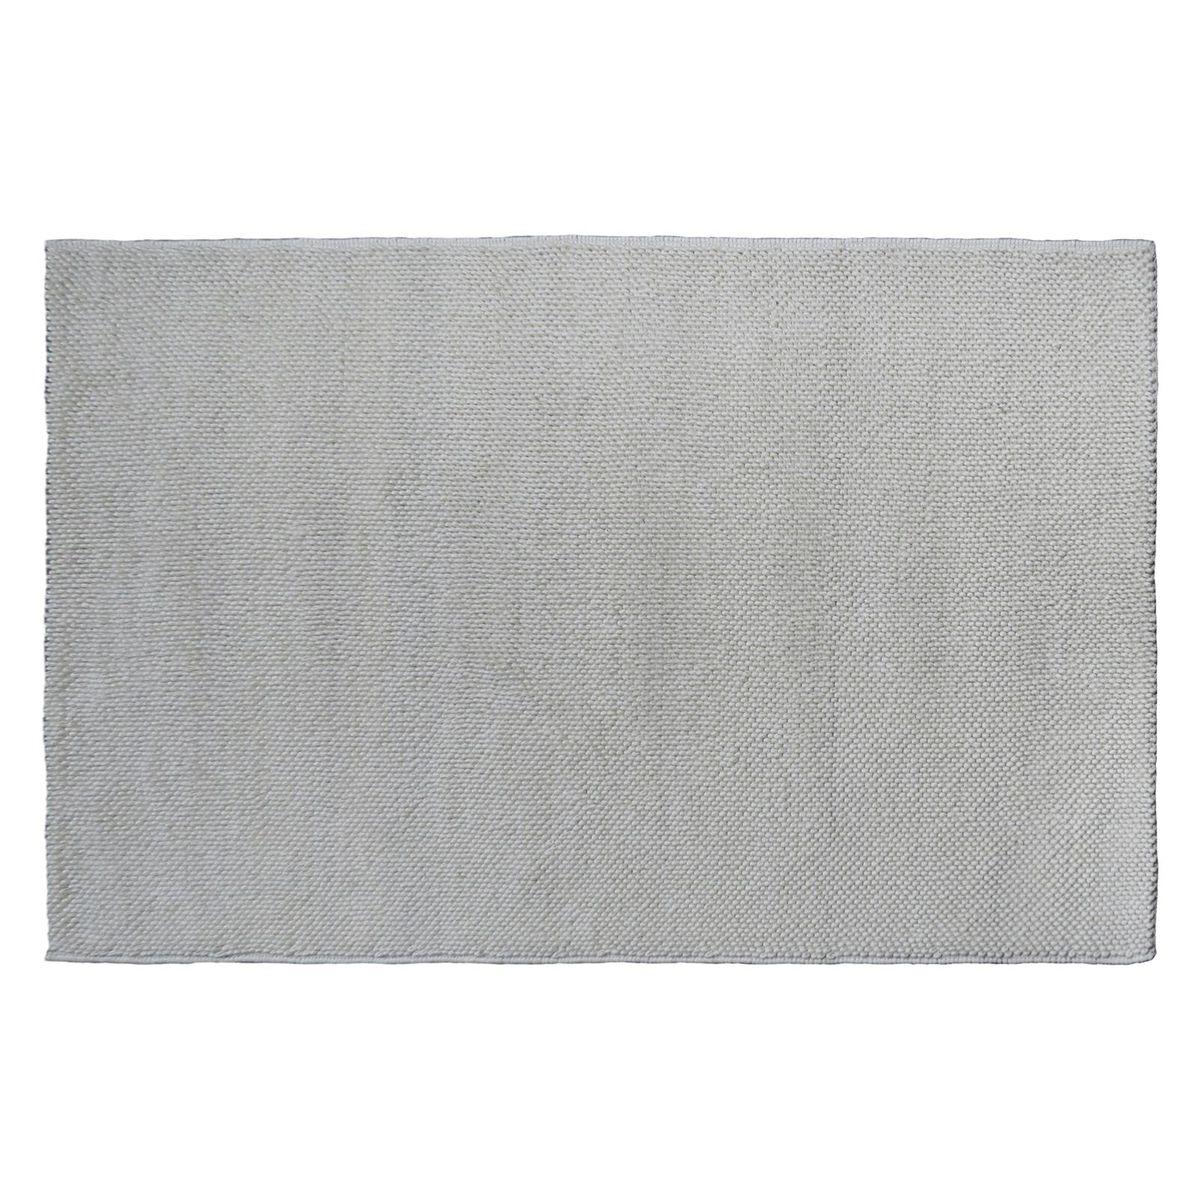 Tapis en laine bouclée tissé main beige -   140 x 200